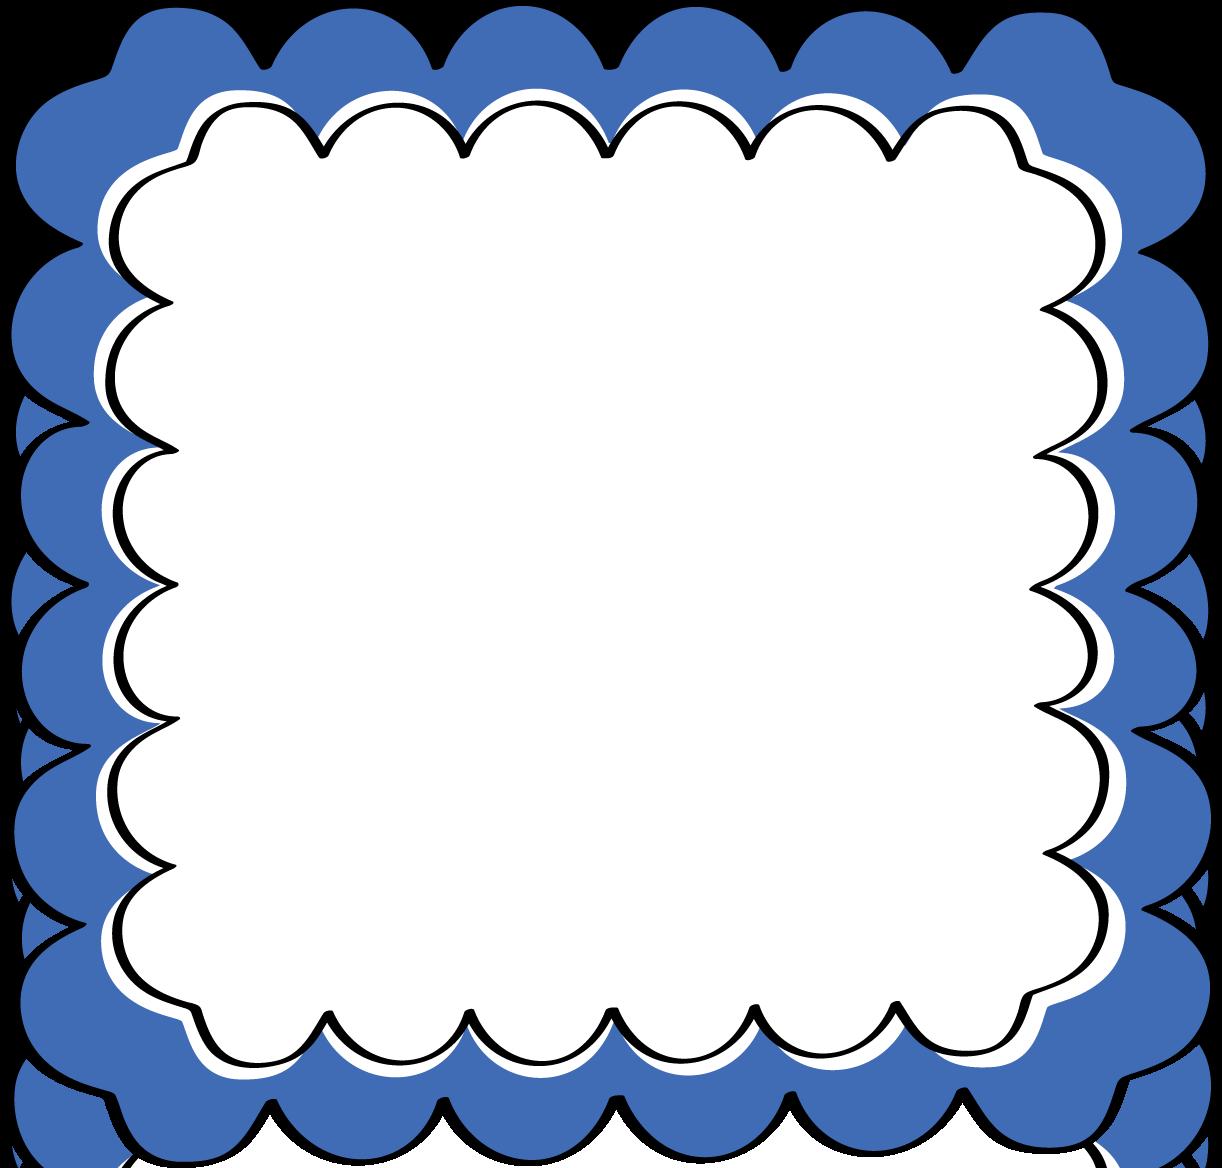 Blue Scalloped Frame - Free Clip Art Frames